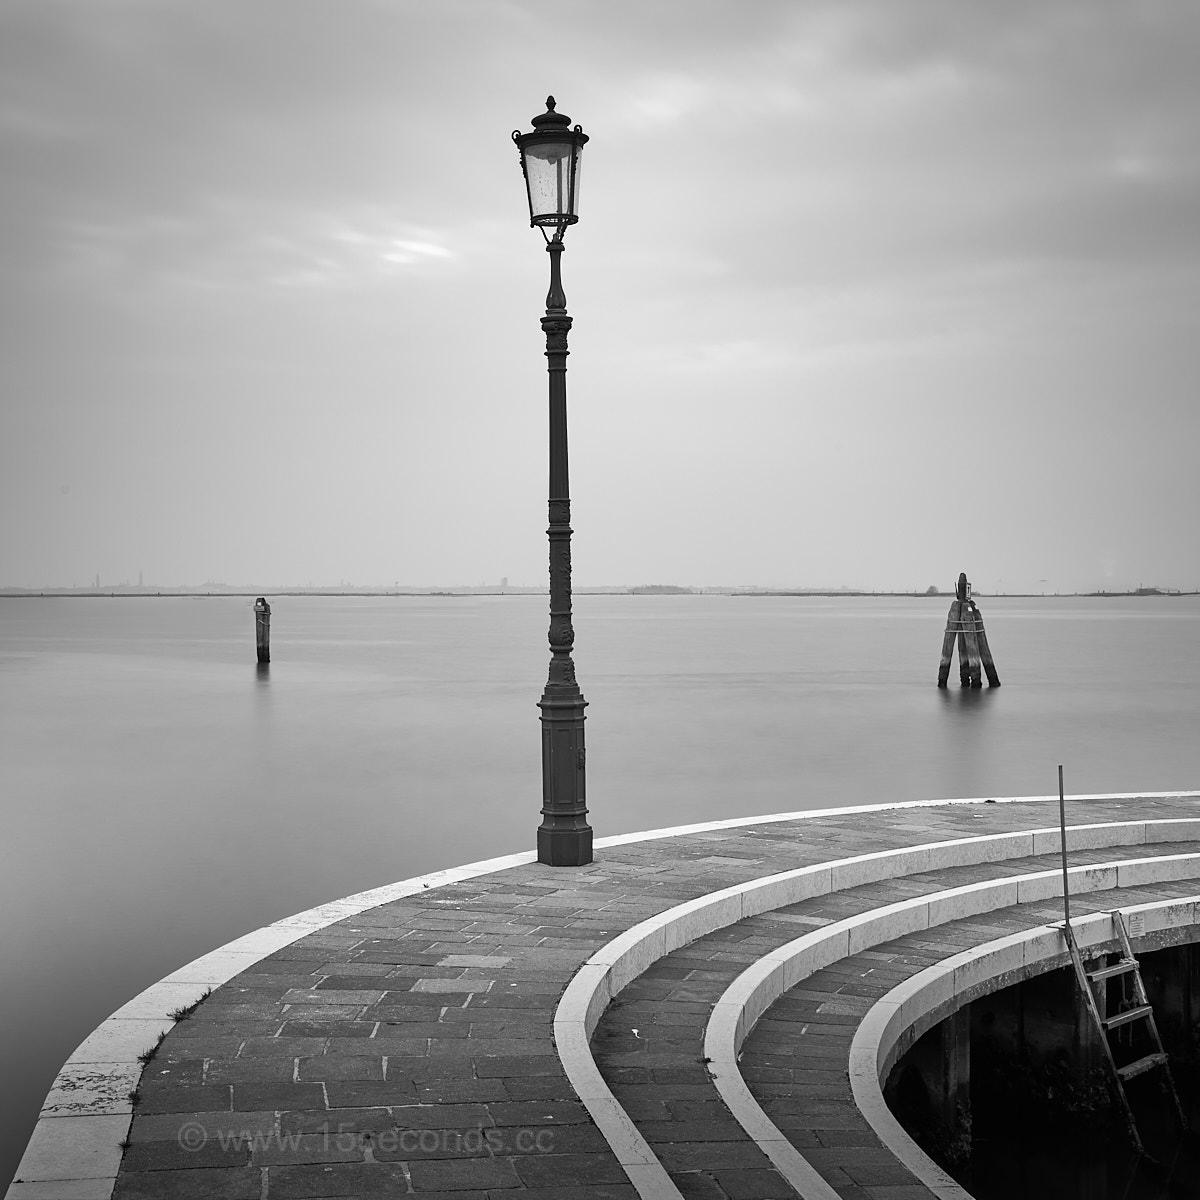 Venice, Burano - venice, venezia - mickinger | ello